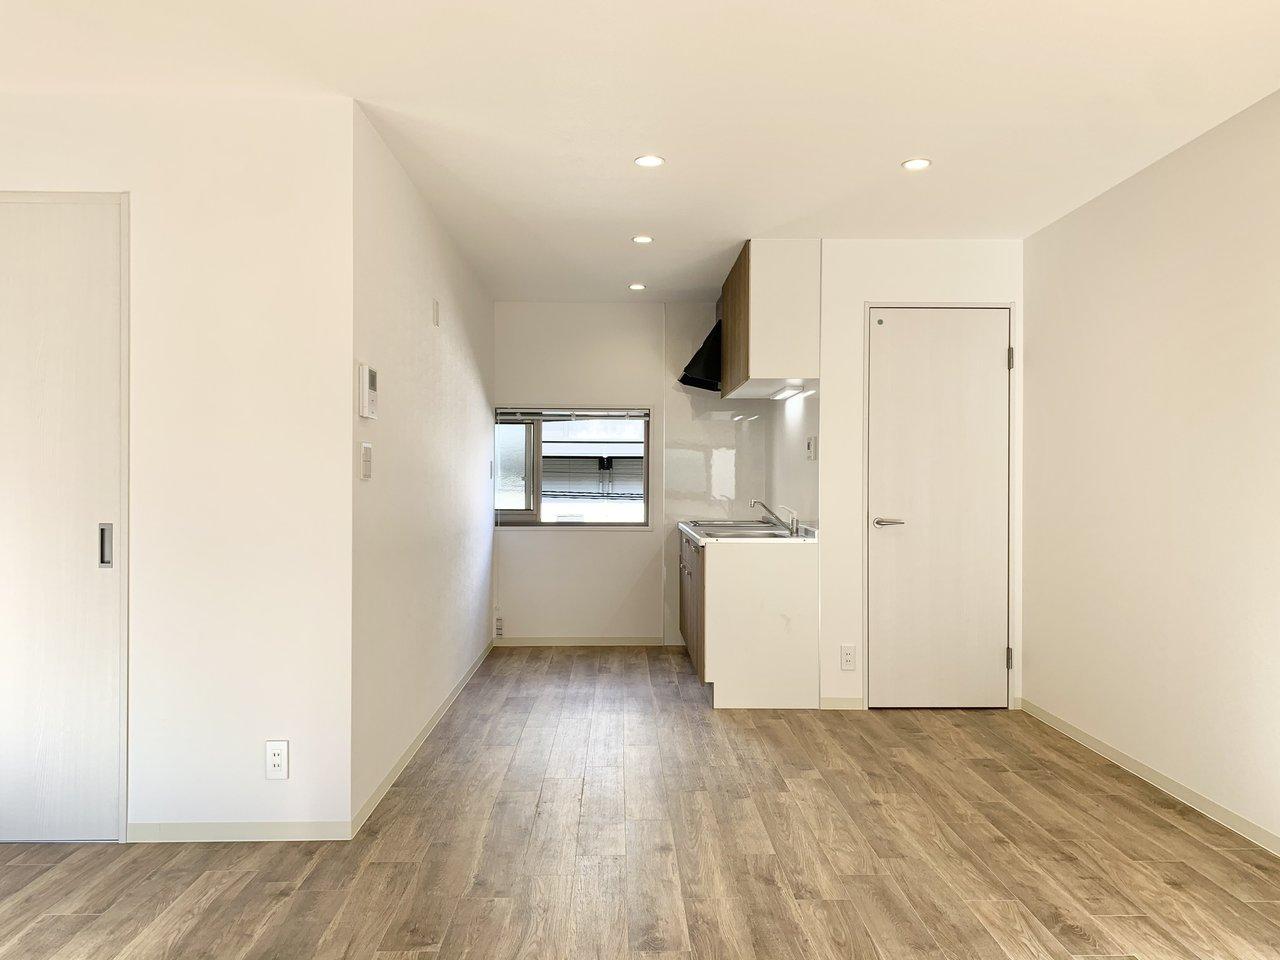 キッチンはダイニングの奥まったところに。小窓があるのでお料理中の換気も簡単にできますね。